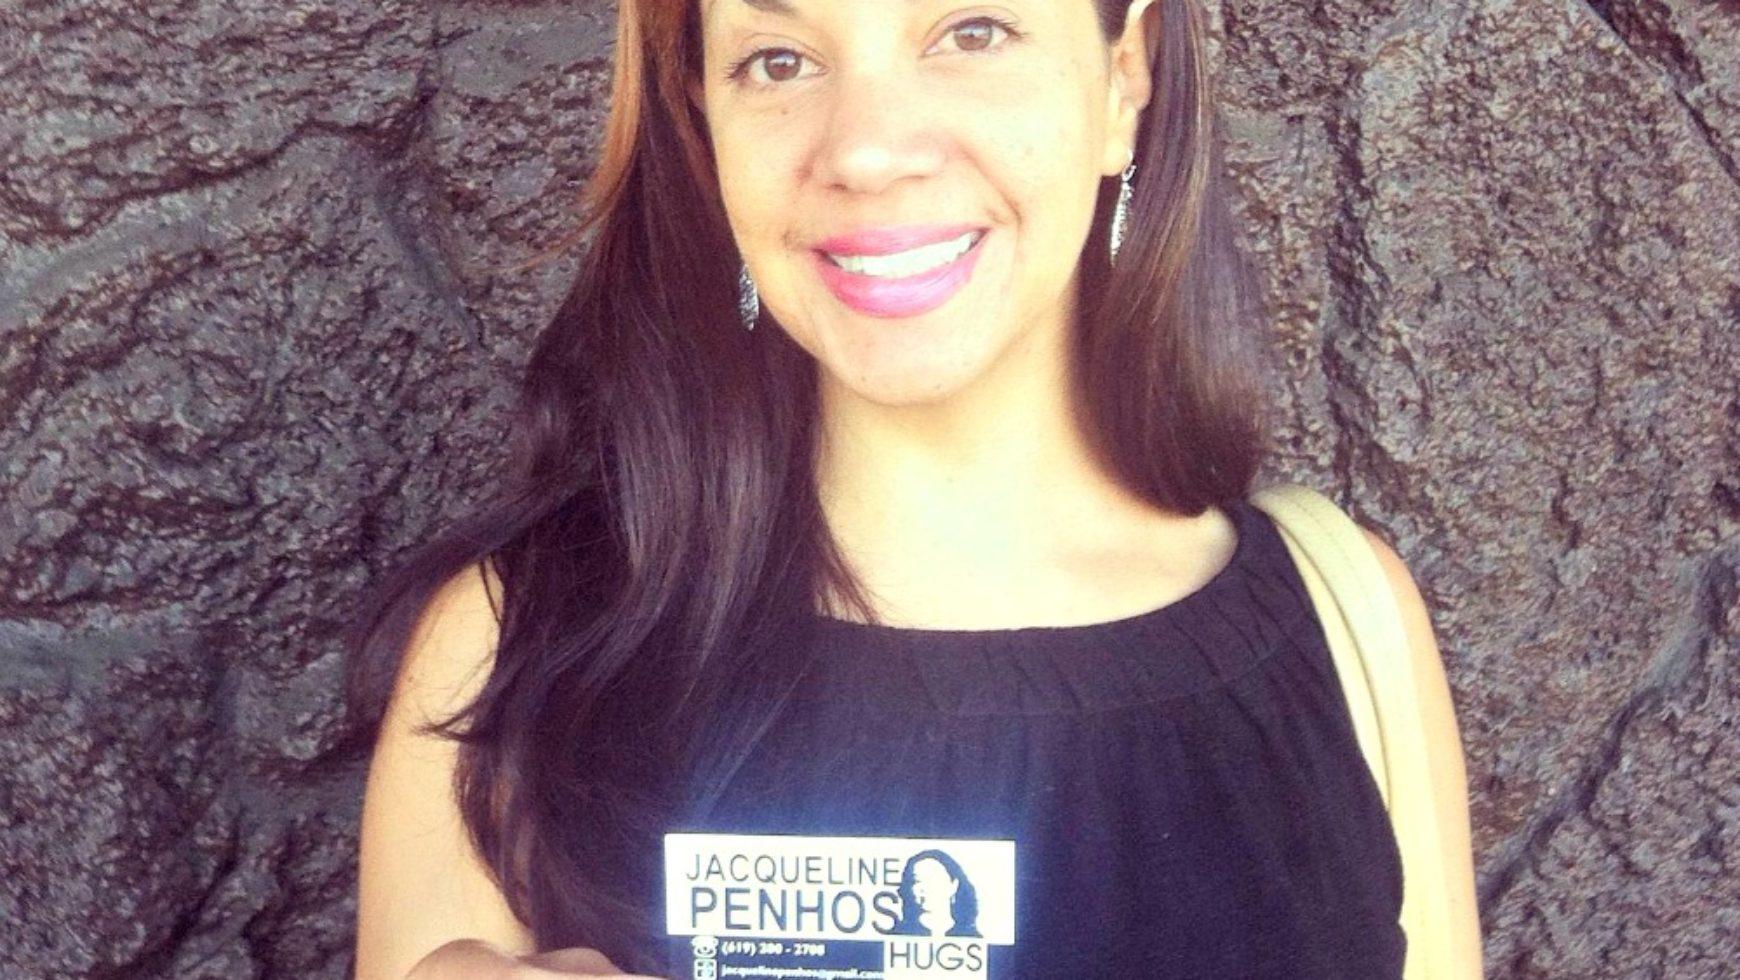 Jacqueline Penhos